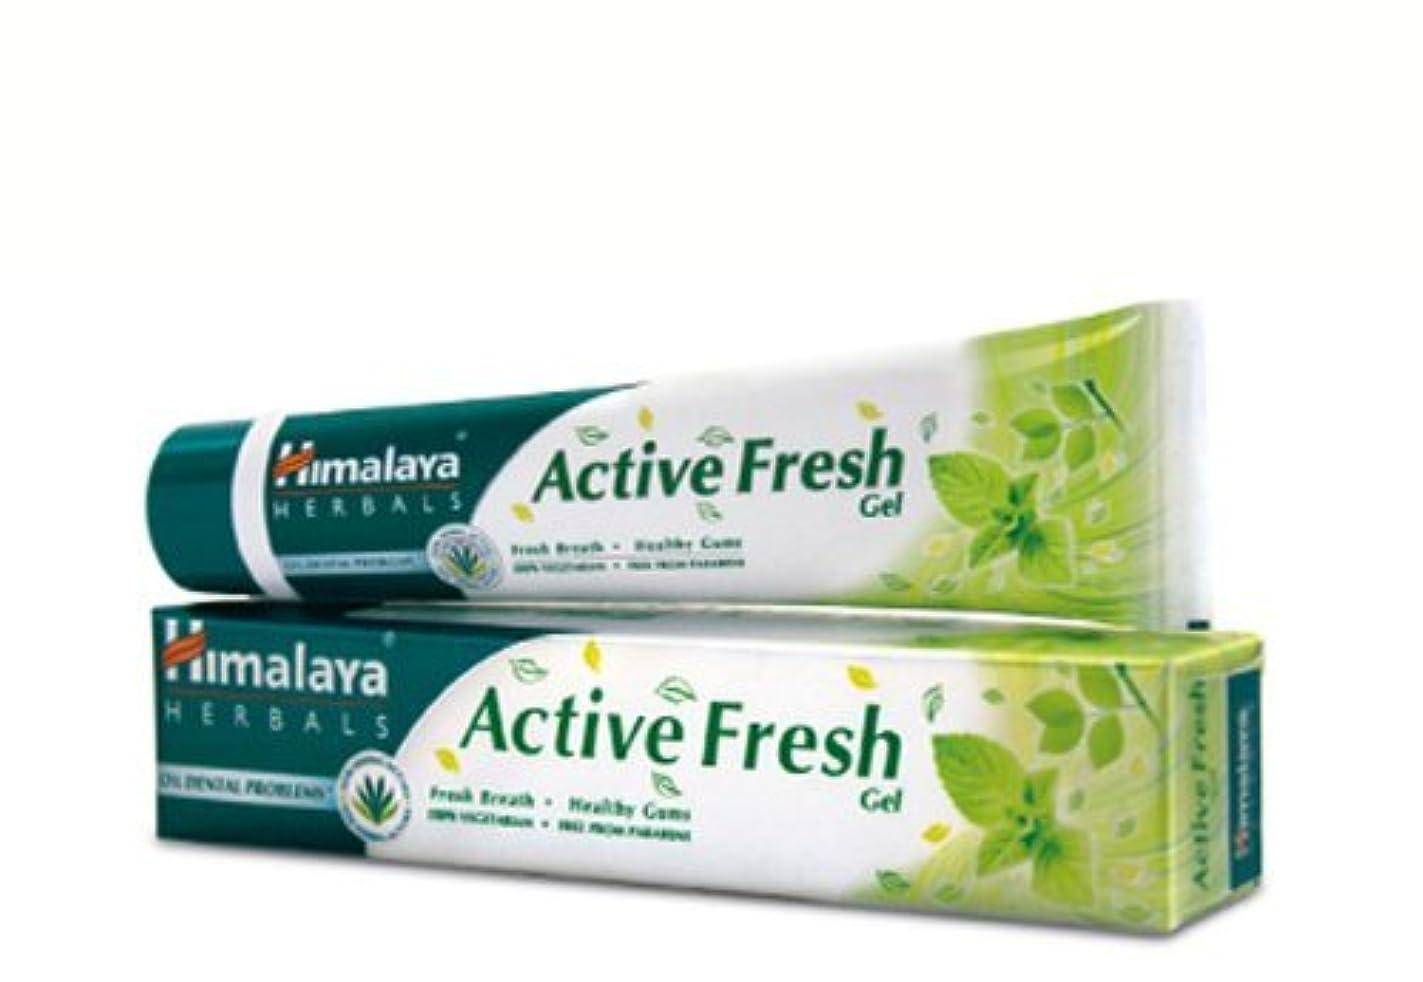 次へプラカード彼らのものヒマラヤ トゥースペイスト アクティブ フレッシュ(歯磨き粉)80g×4本 Himalaya Active Fresh Toothpaste